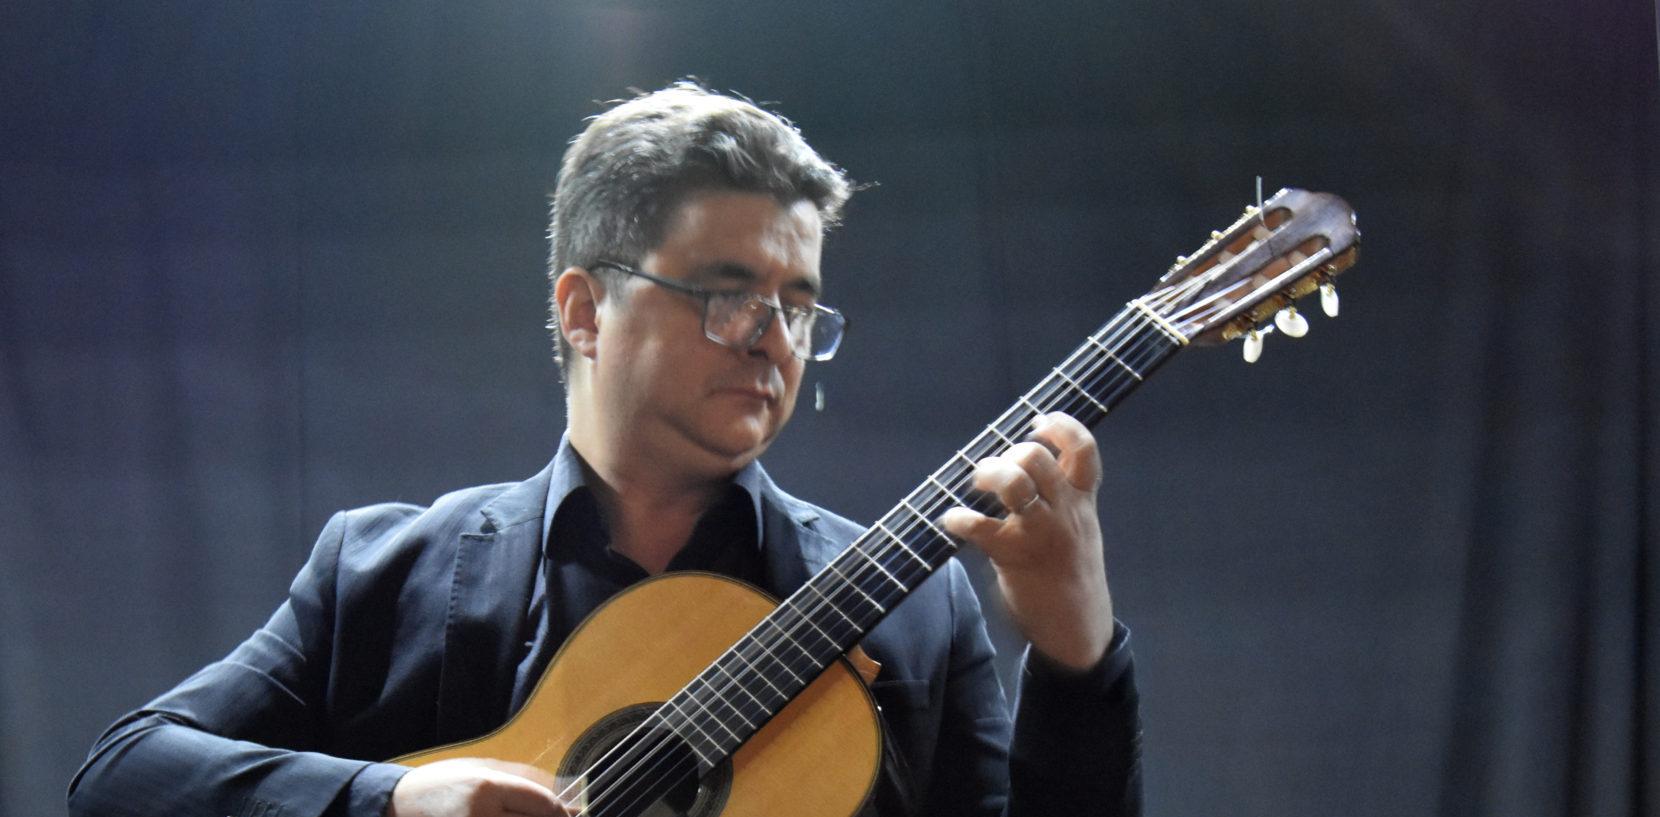 Manuel Espinás